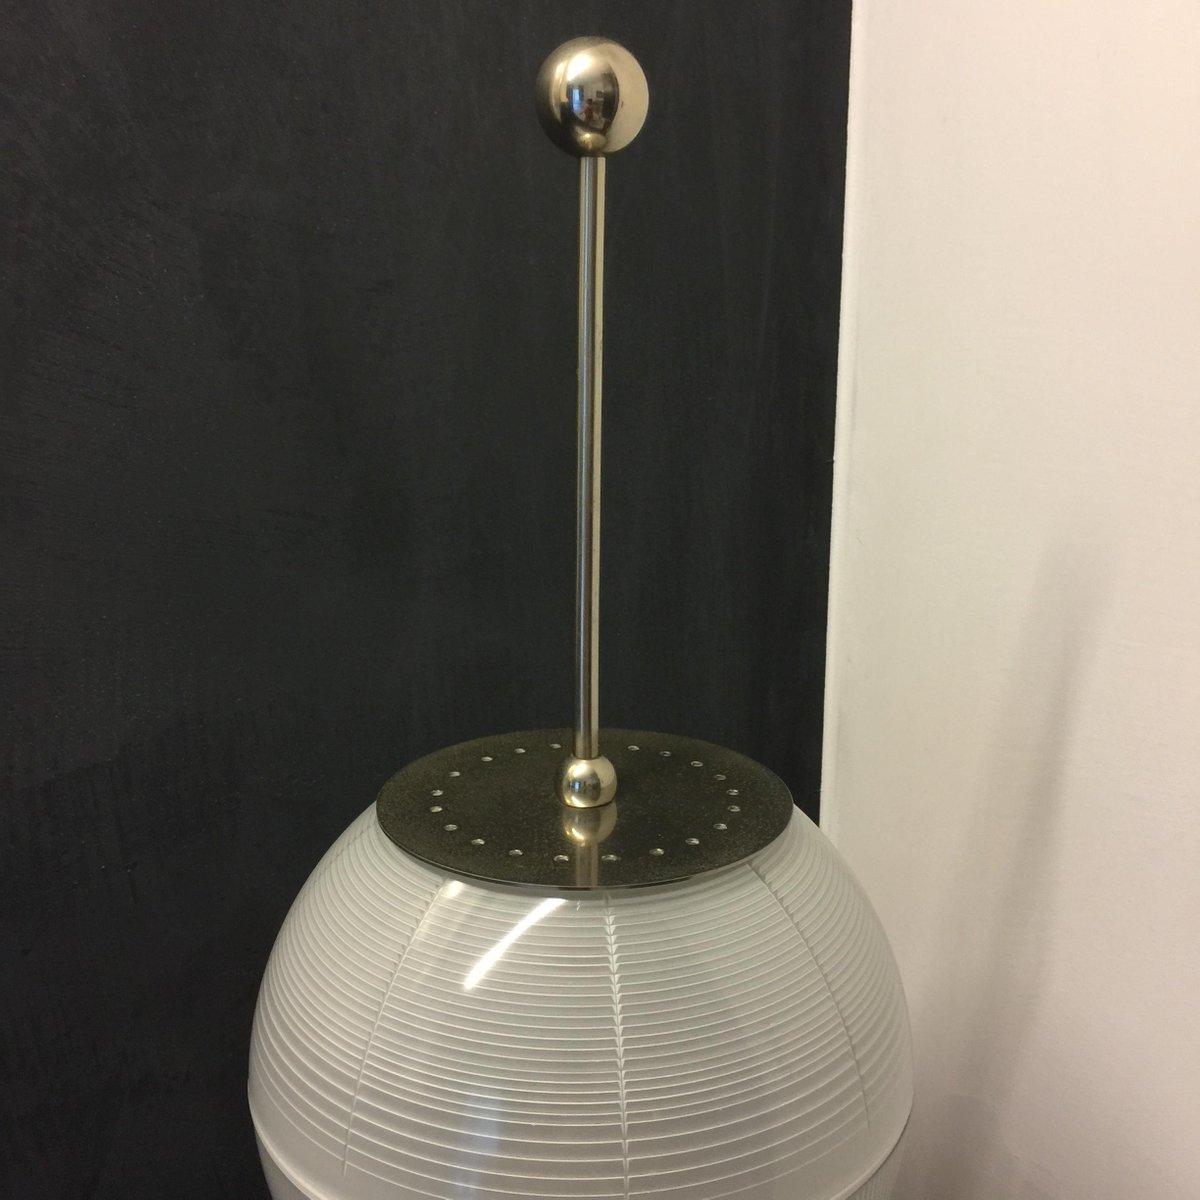 Italienische vintage tischlampen von ignazio gardella f r for Tischlampen vintage